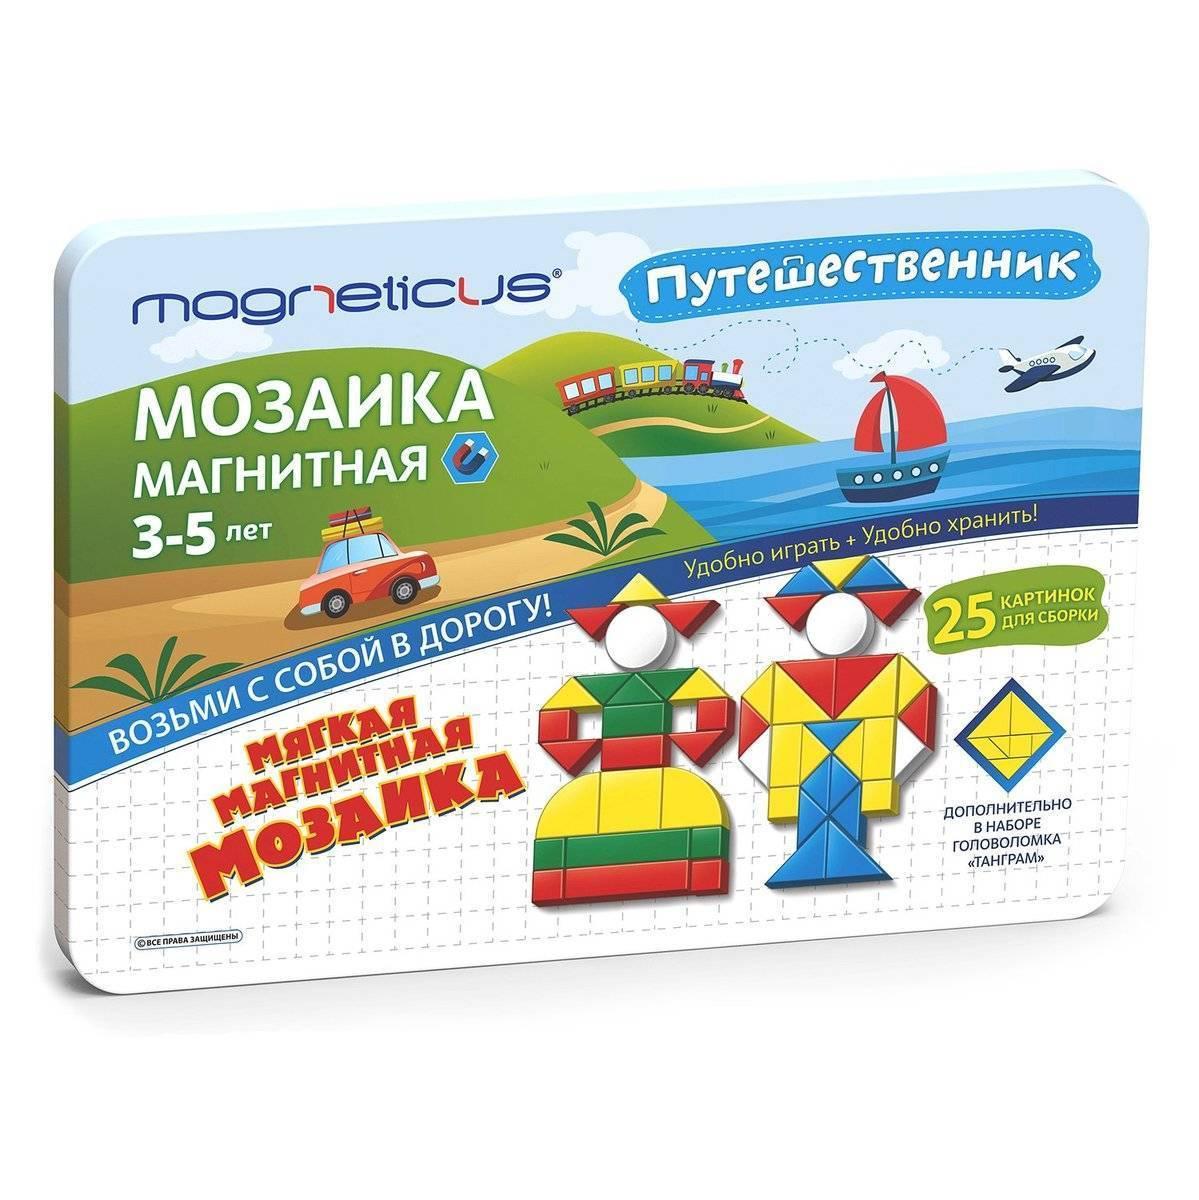 Магнитная мозаика, Magneticus, в металлической коробке, 245 детали